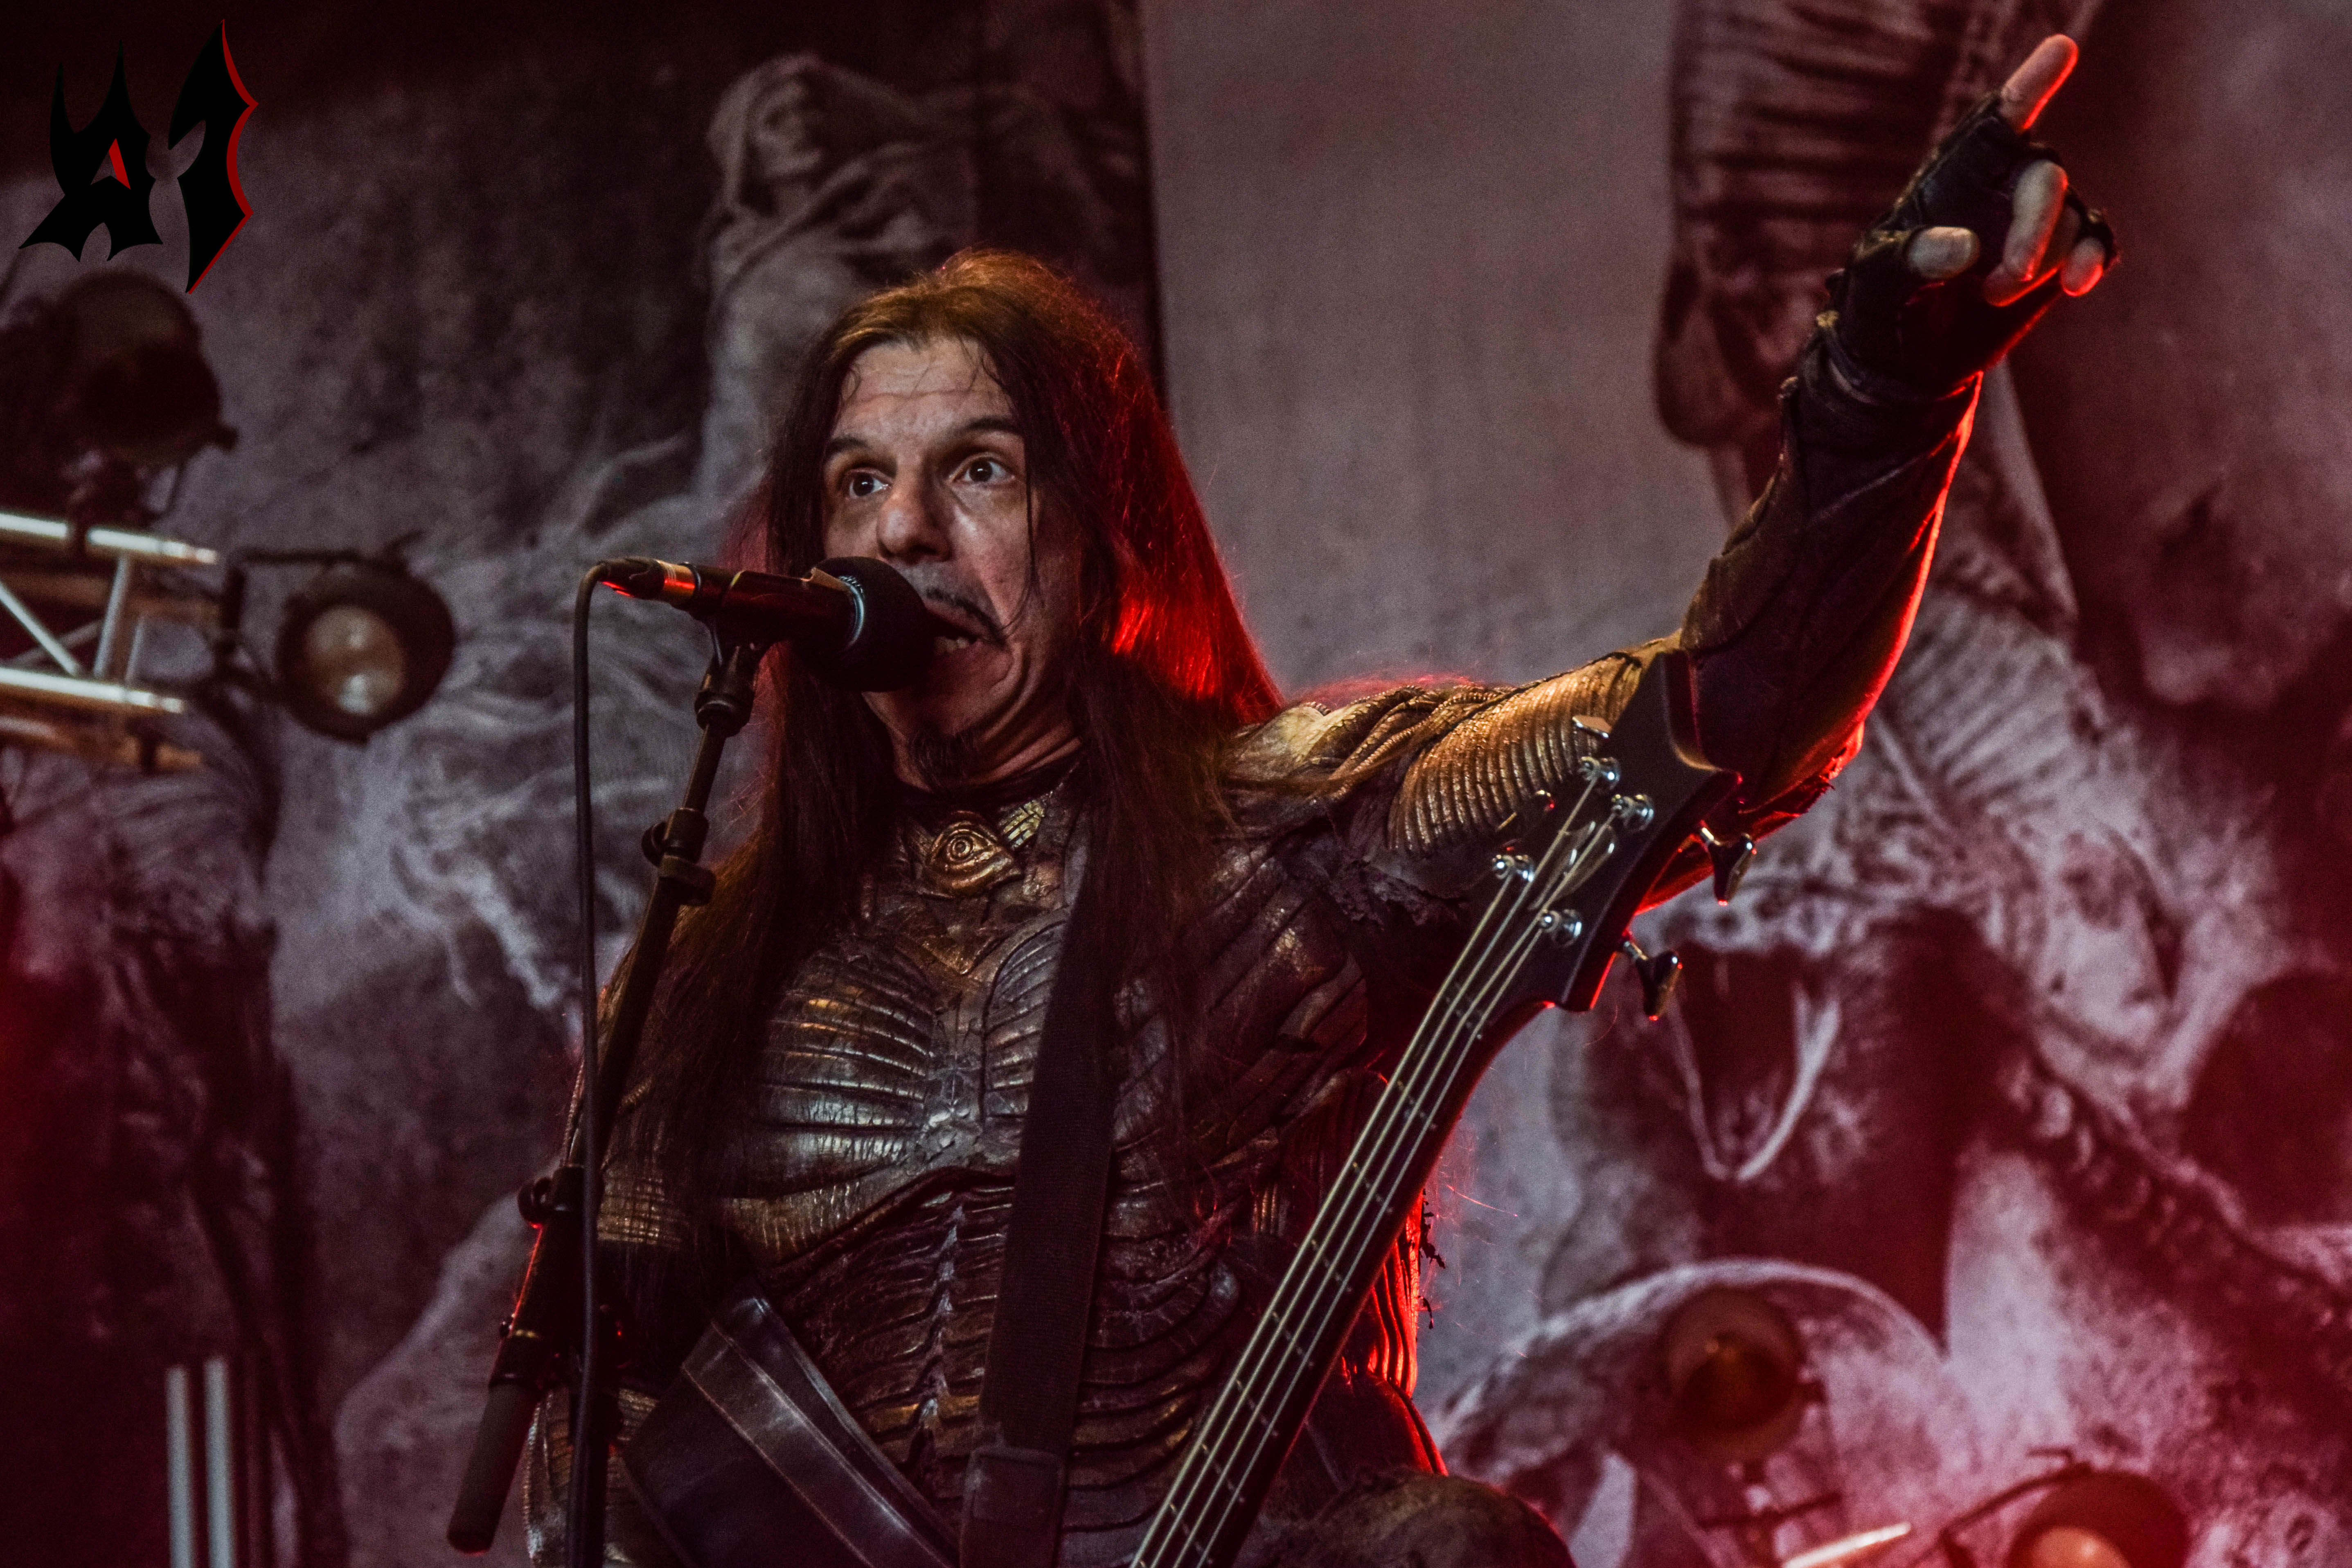 Hellfest 2018 – Day 3 - Septicflesh 14